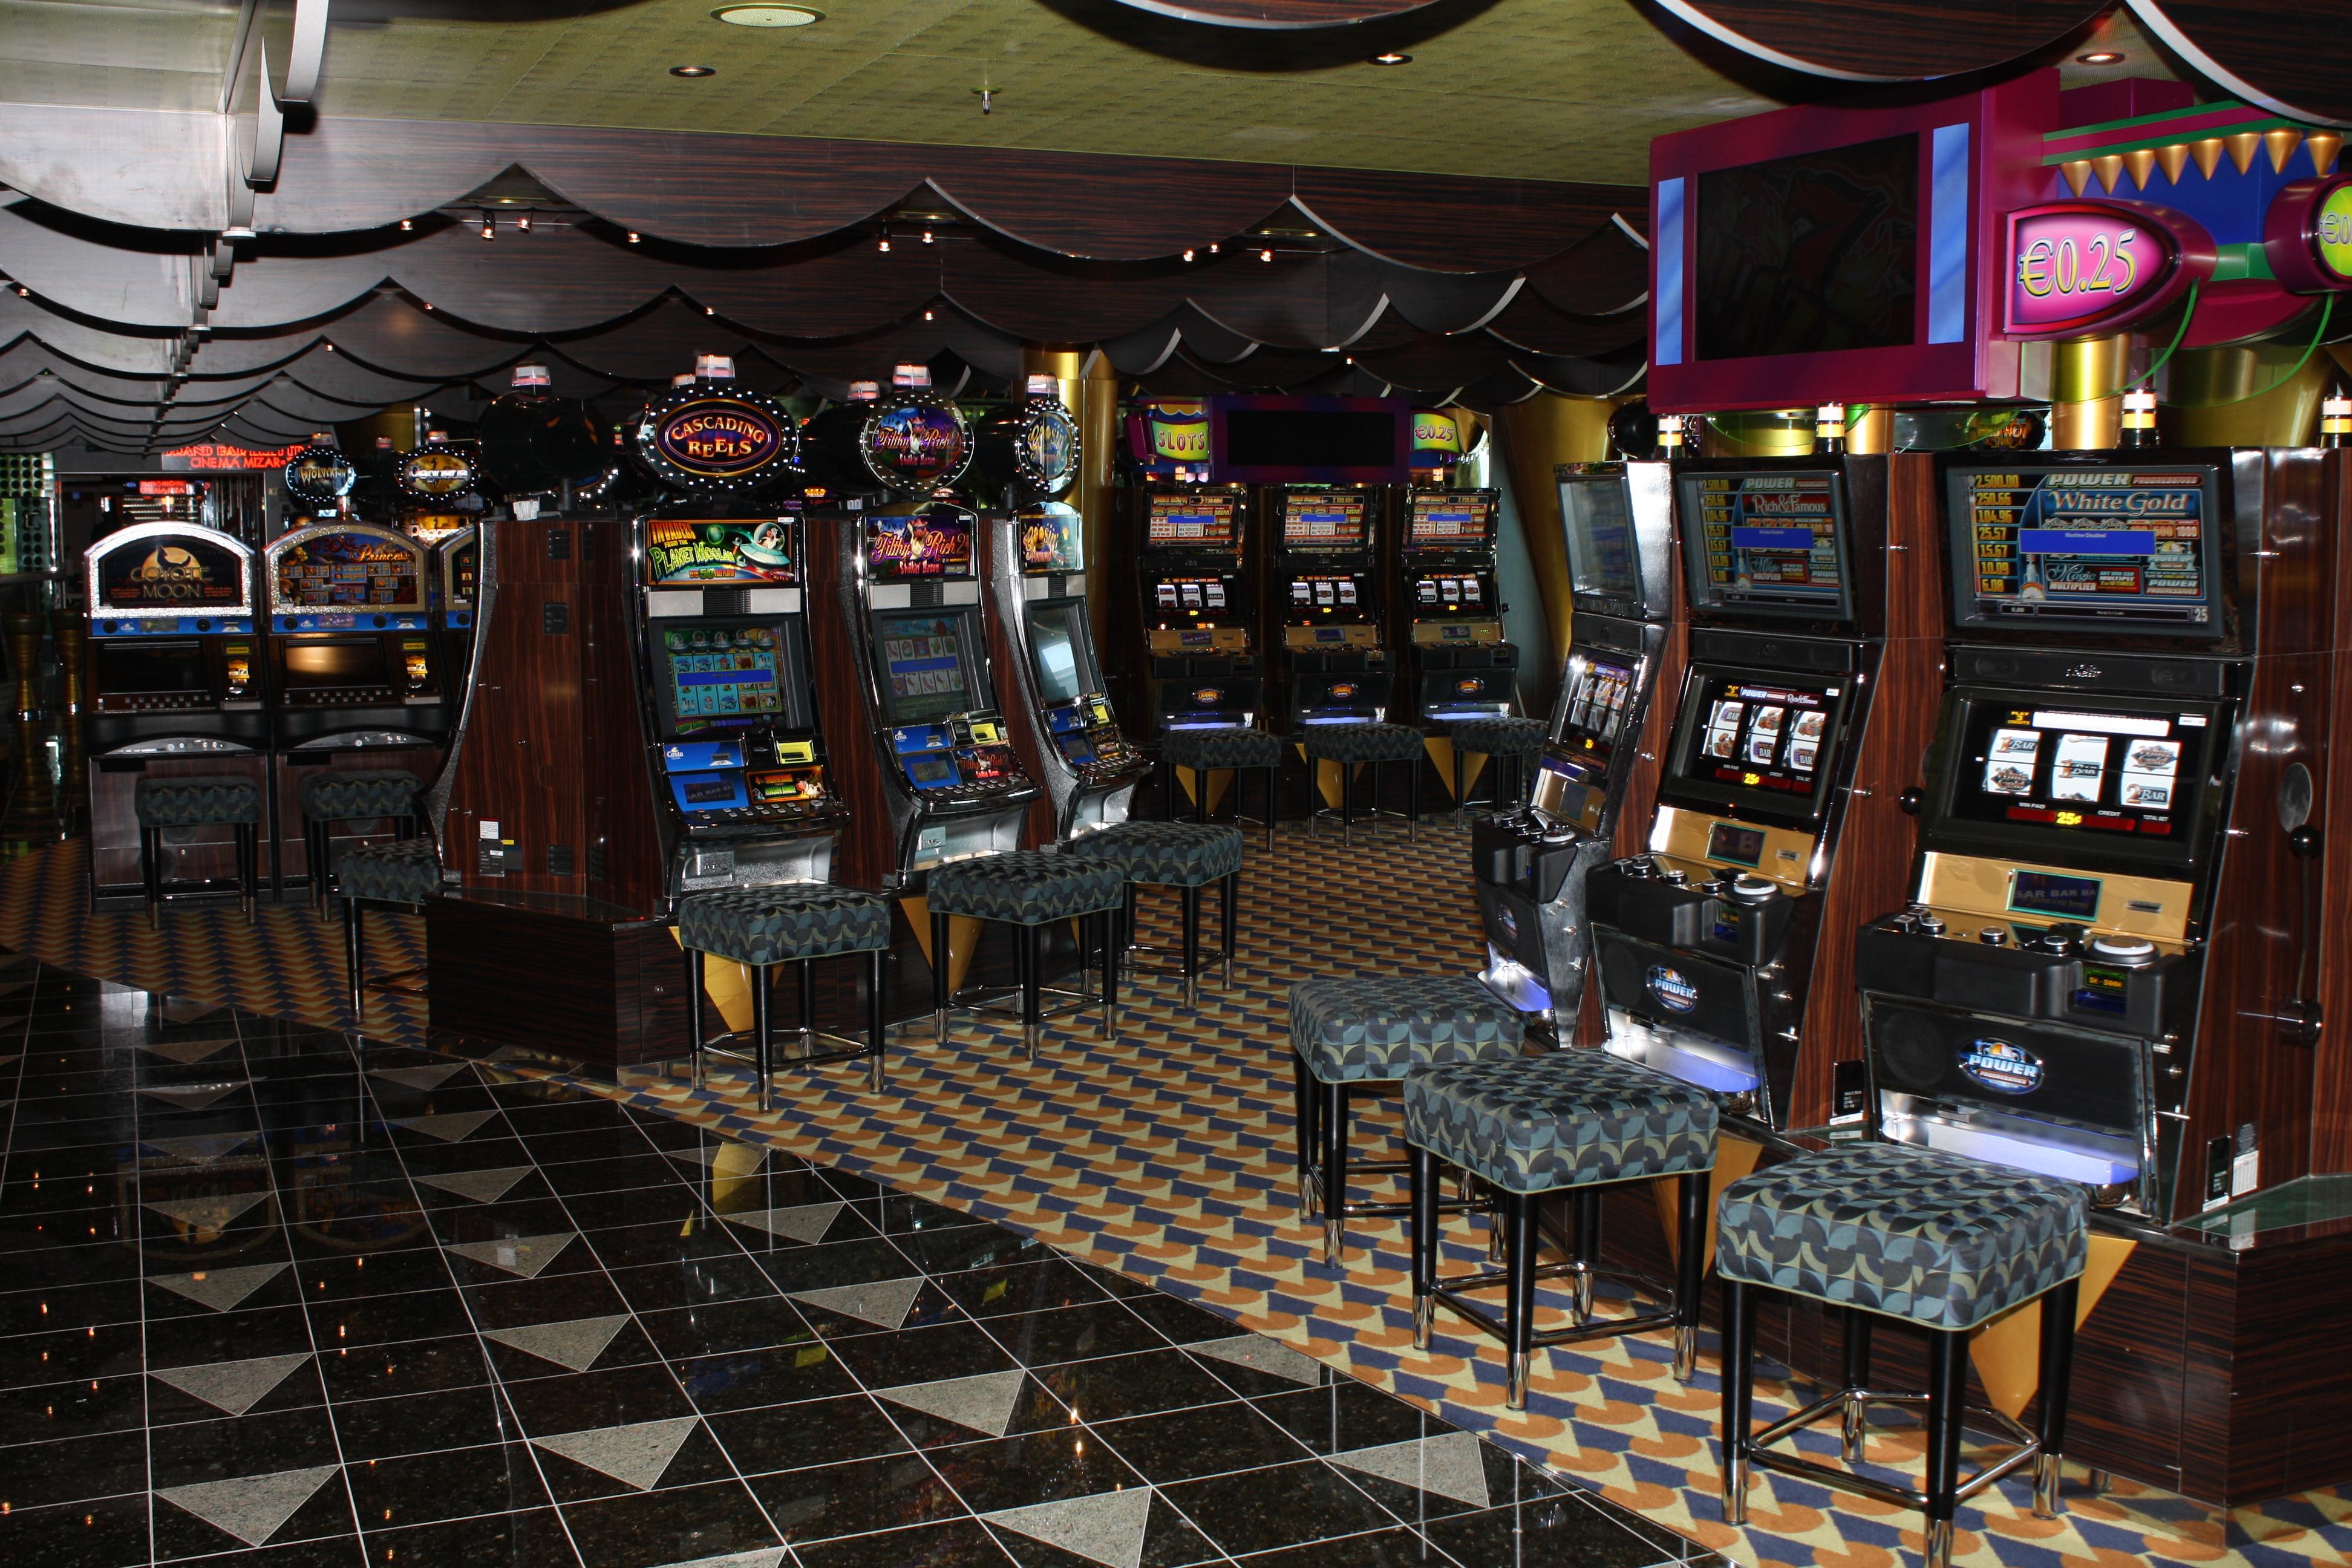 File:Costa Luminosa casino.jpg